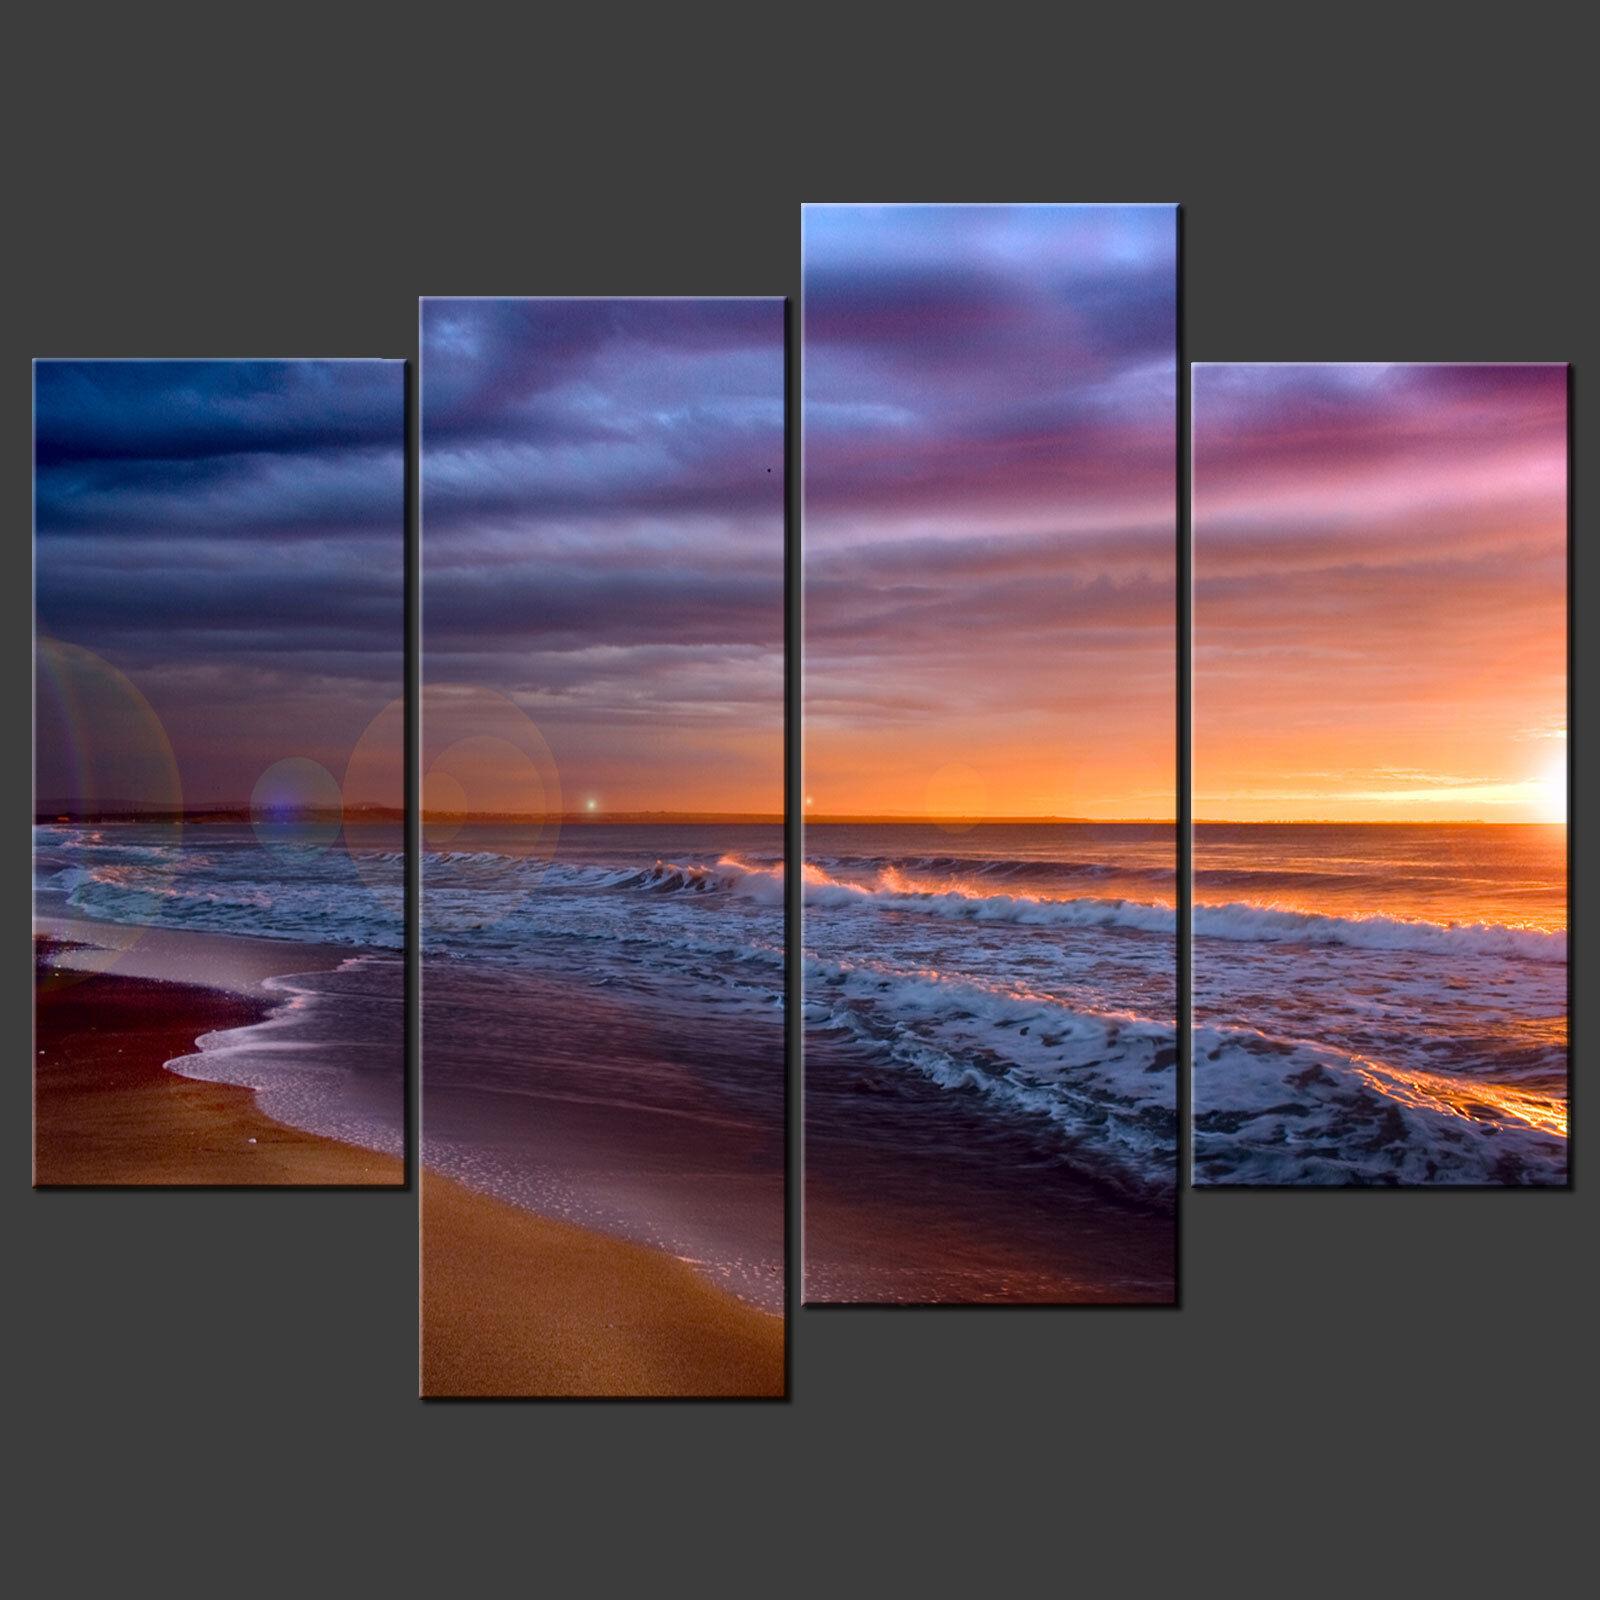 SUNSET SUNSET SUNSET Beach Blu SPLIT Tela Muro Arte Foto Stampa Taglie Grandi Disponibili cc6e0a